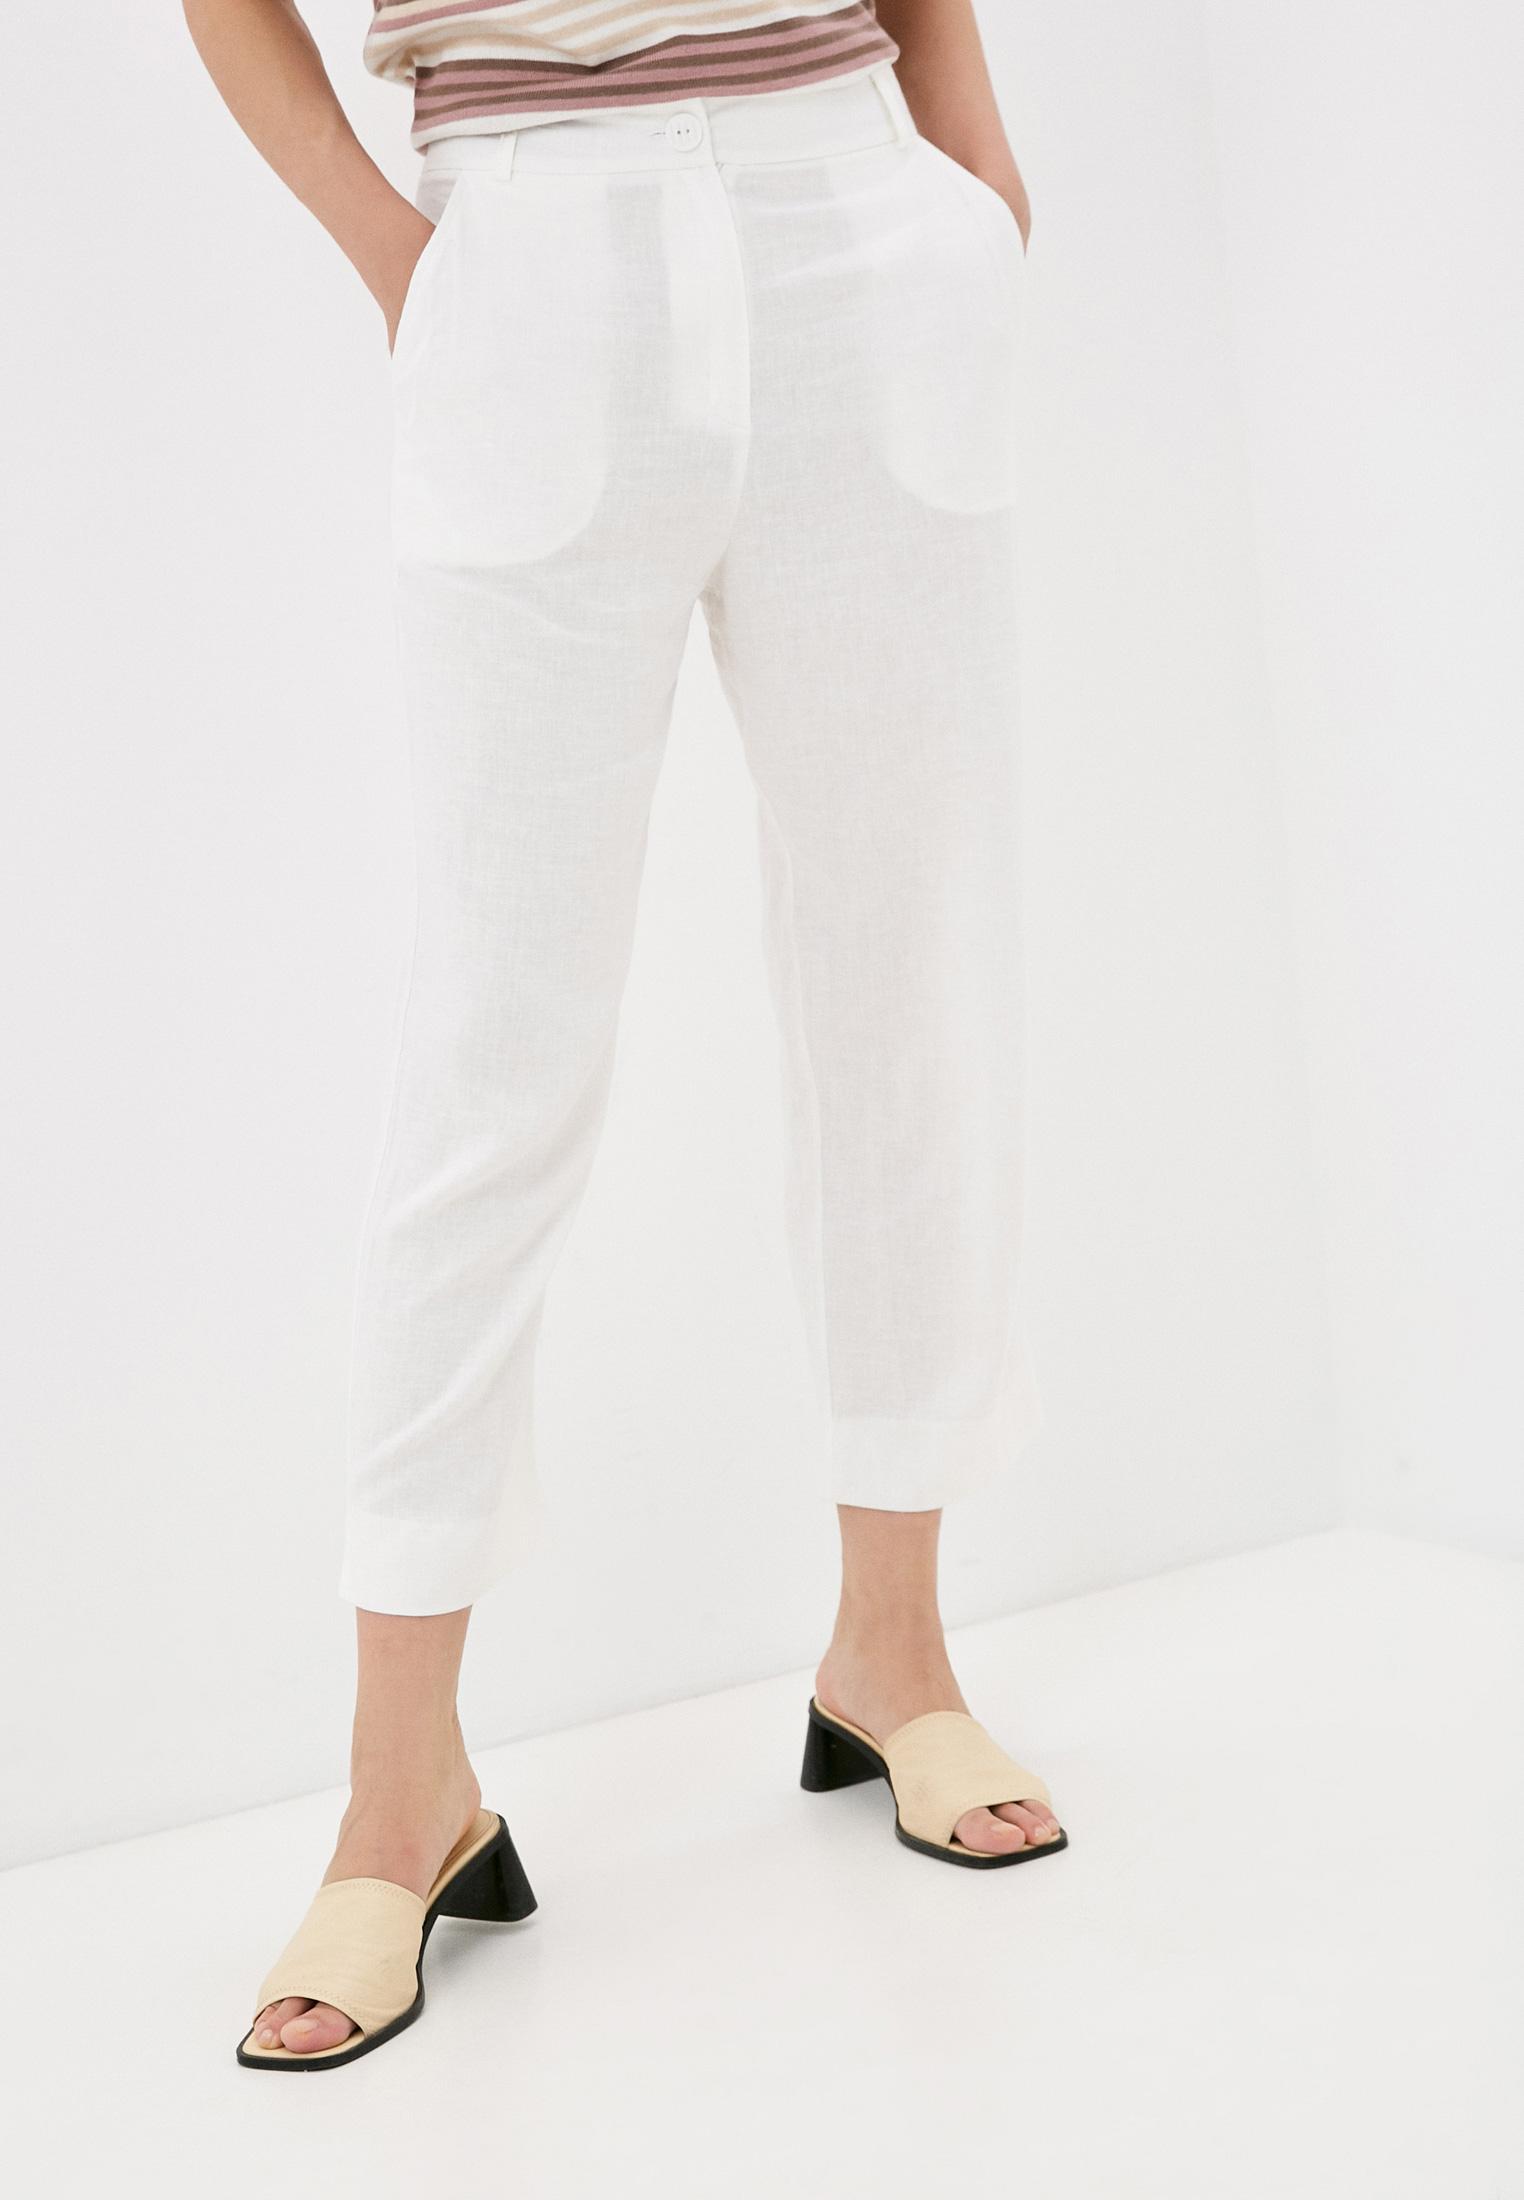 Женские прямые брюки Nataliy Beate Брюки мод.547: изображение 1